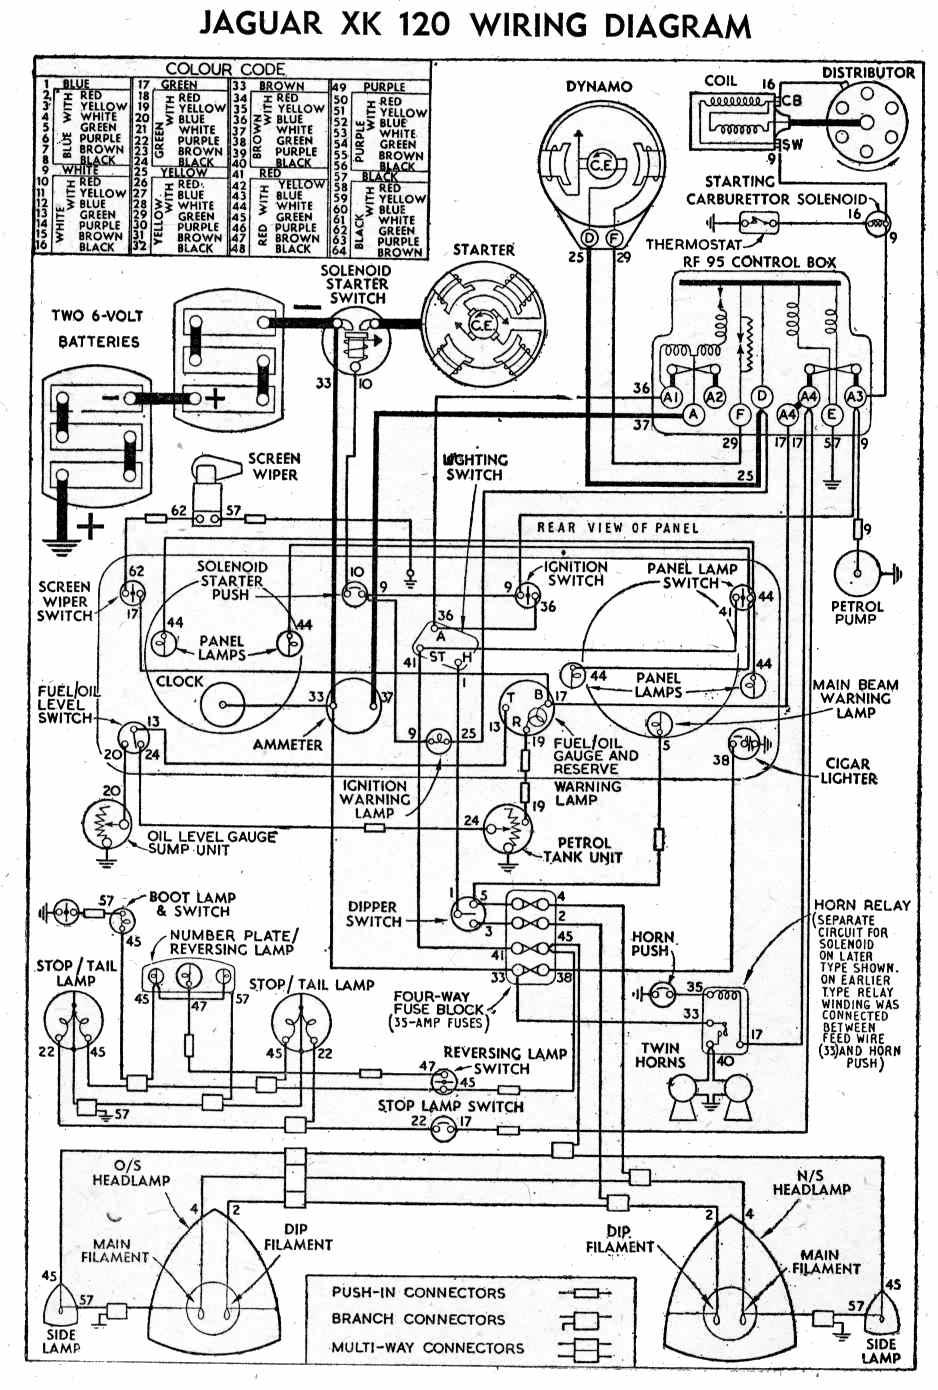 Wiring Diagrams Jaguar Xk120 Diagram Libraries Fender P J B 1954 Todays1954